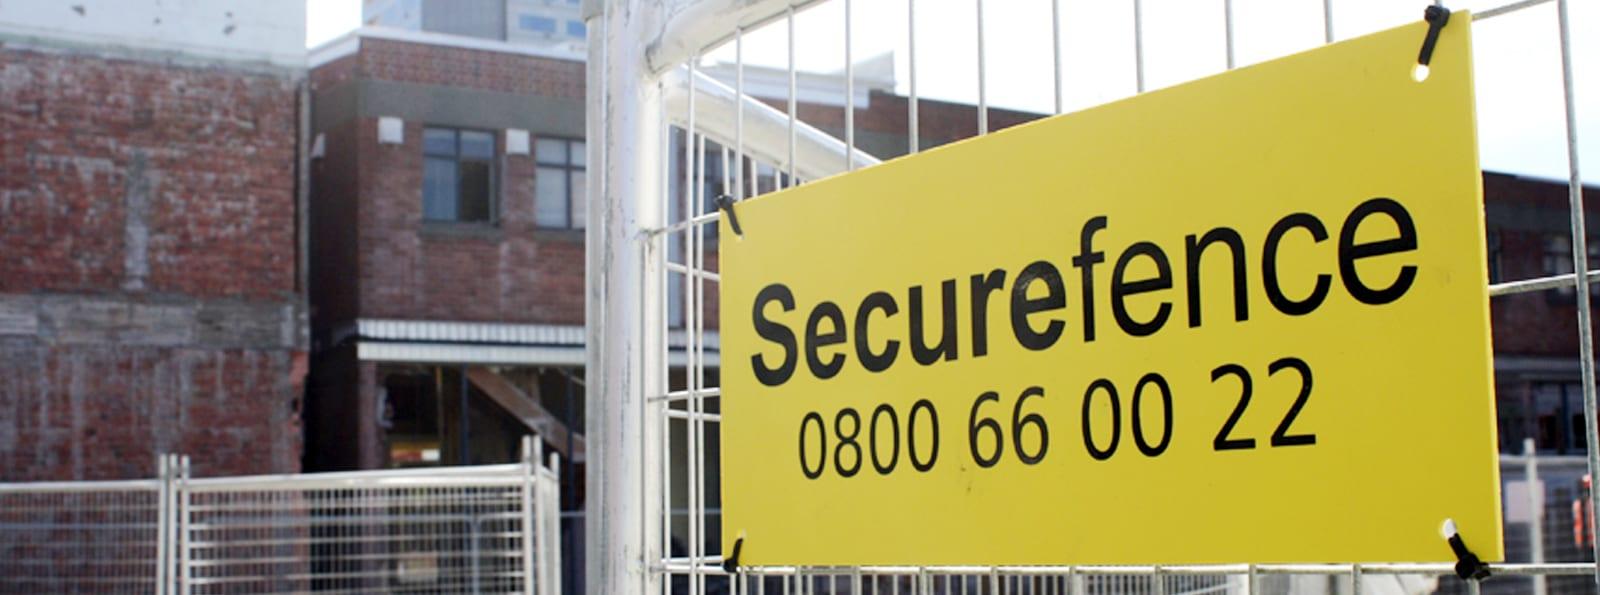 Securefence03-1